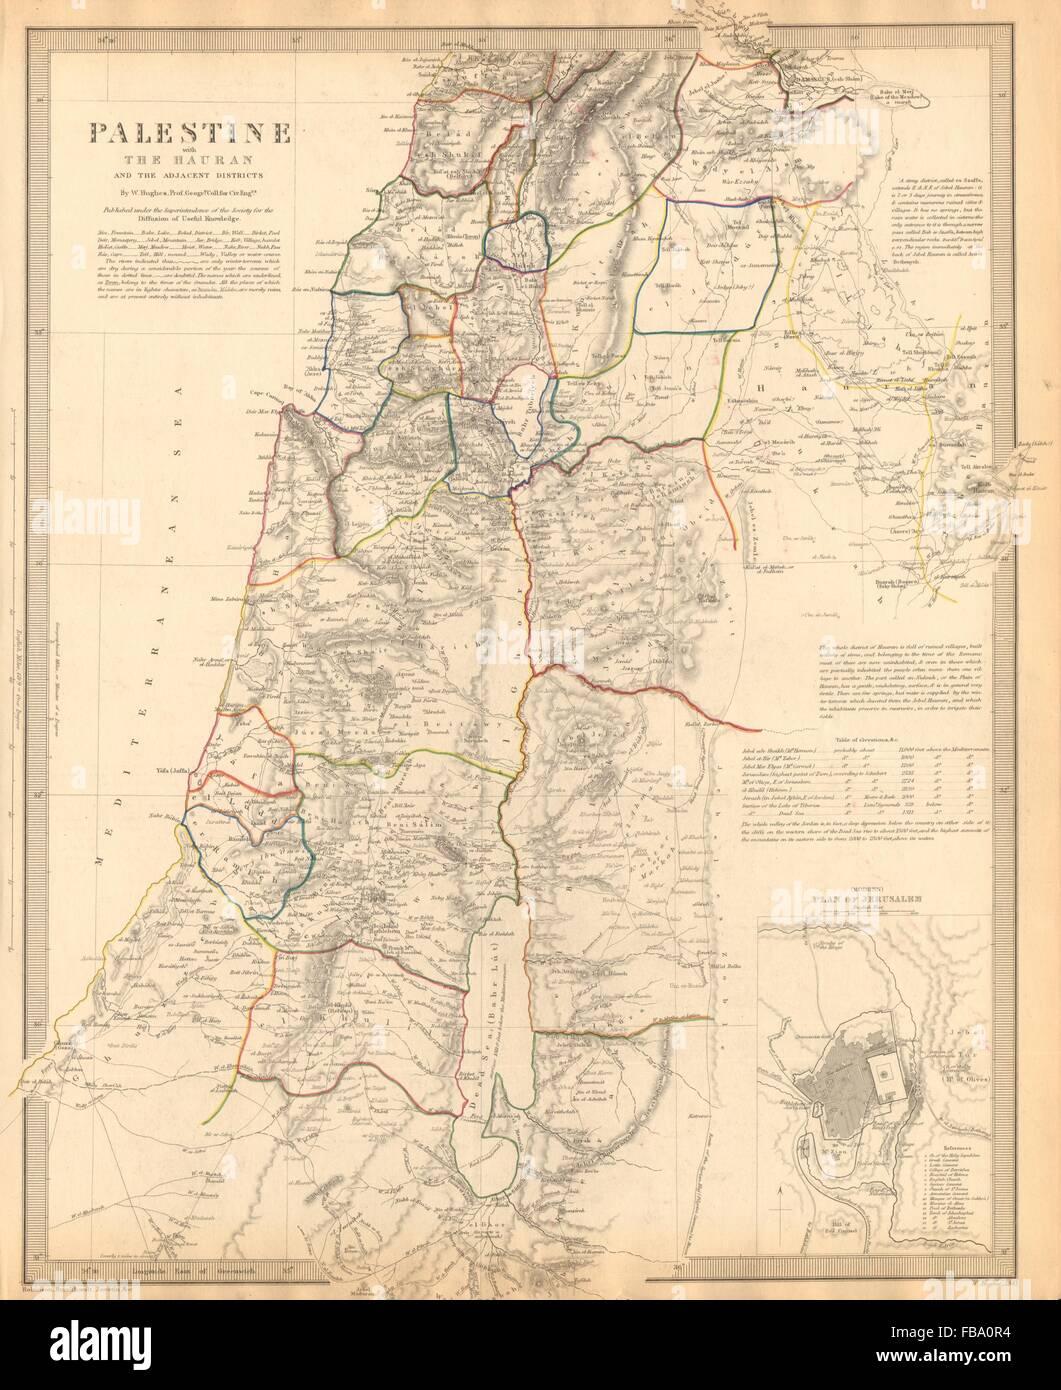 Palestine hauran israel jordan syria lebanon jerusalem plan sduk israel jordan syria lebanon jerusalem plan sduk 1844 map gumiabroncs Image collections